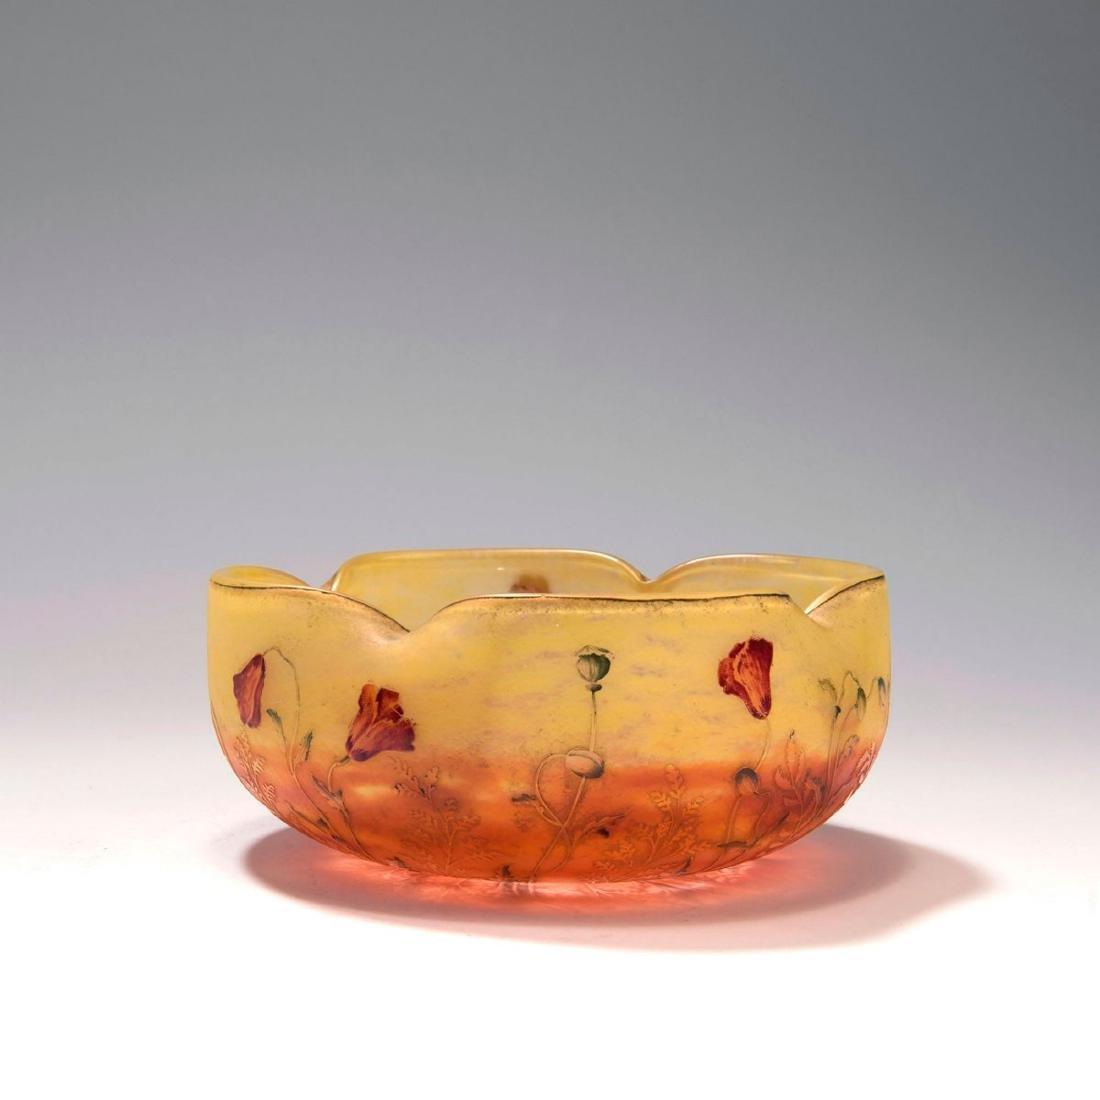 'Coquelicots' bowl, c. 1900 - 2